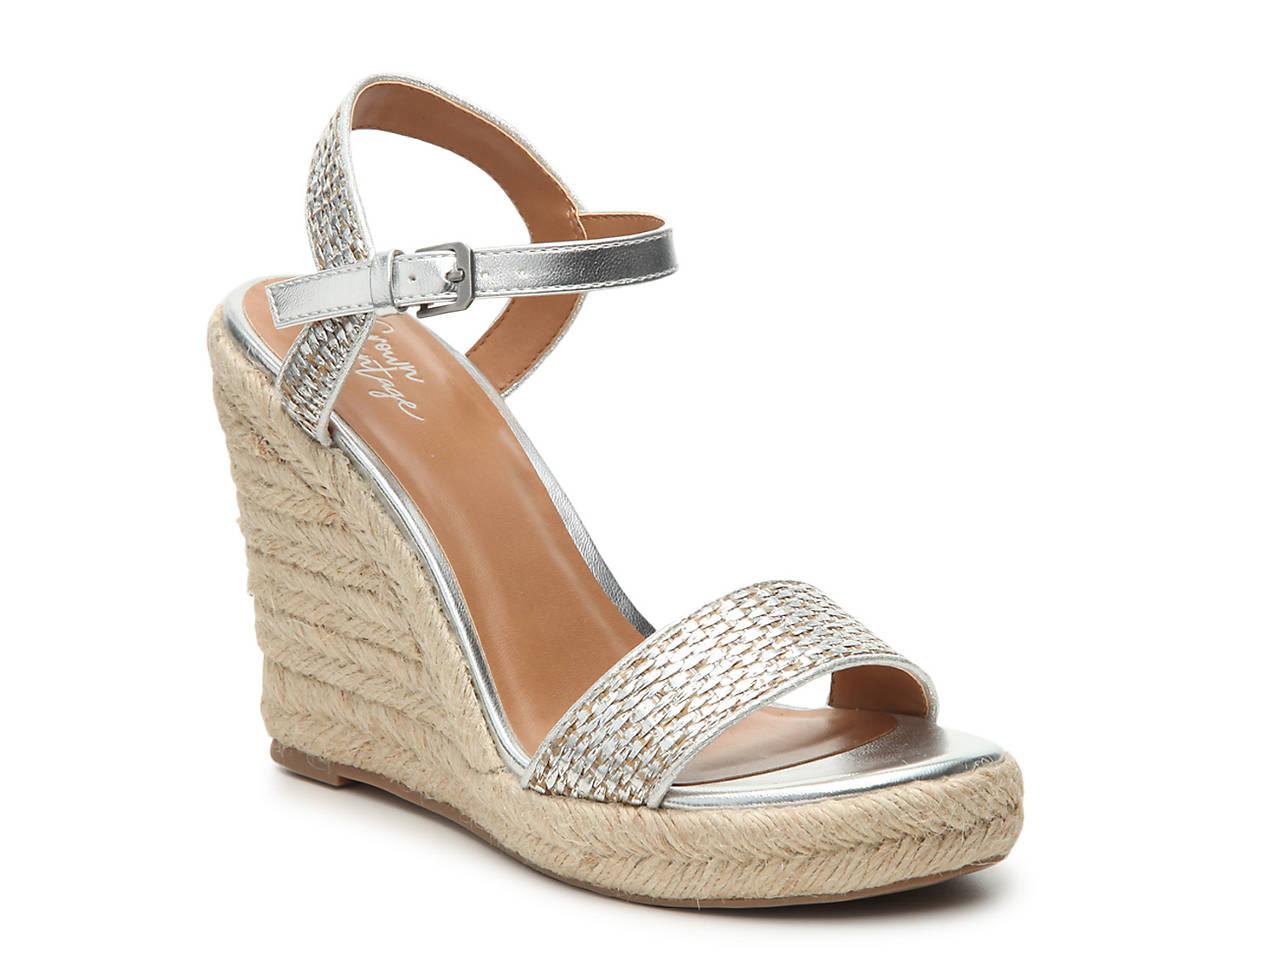 83f2b9e403a Crown Vintage Vediccity Wedge Sandal Women s Shoes